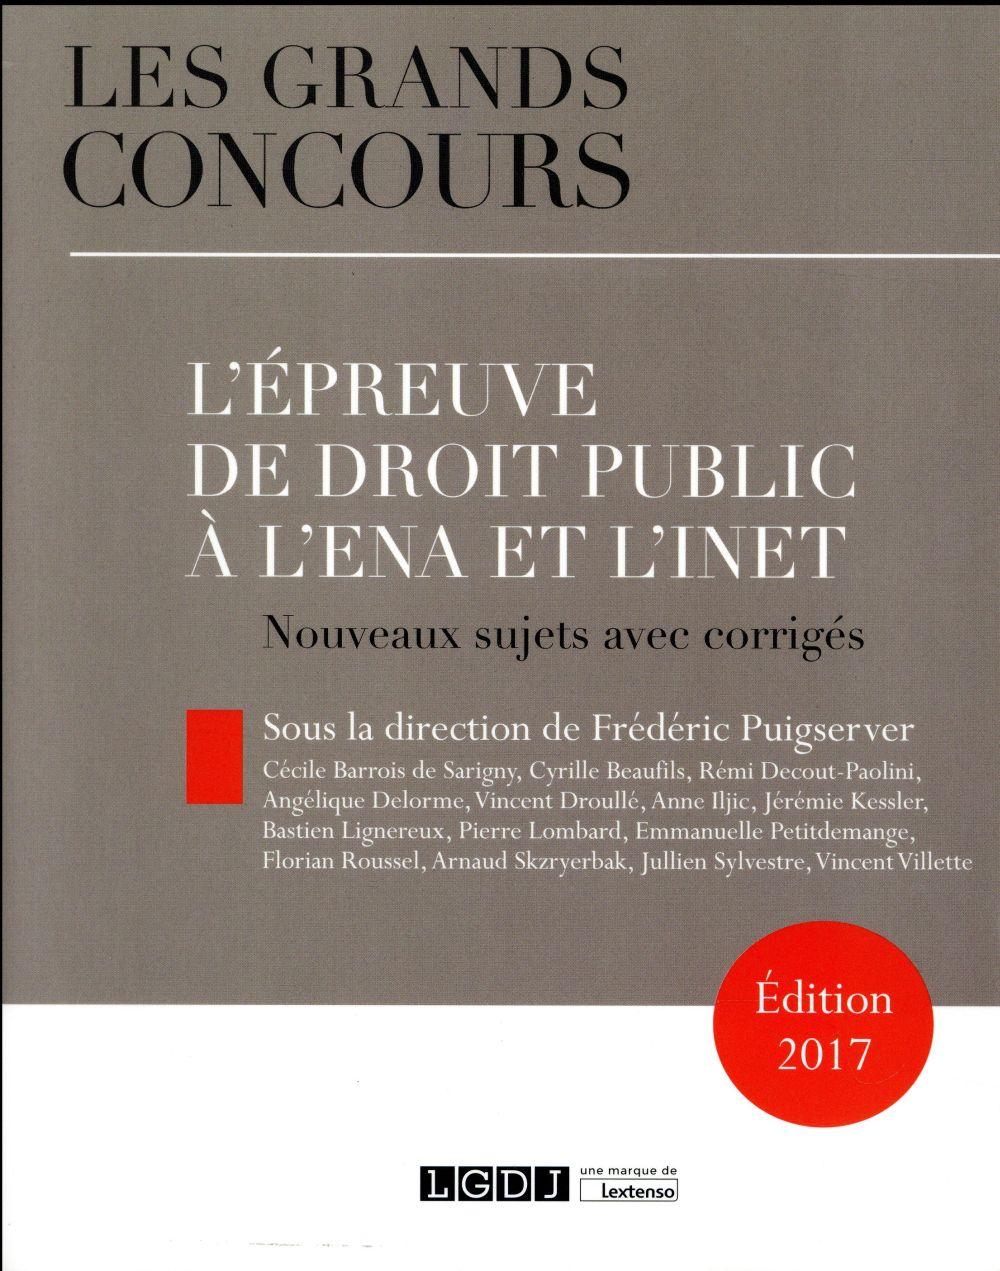 L'épreuve de droit public à l'ENA et l'INET 2017 ; nouveaux sujets avec corrigés